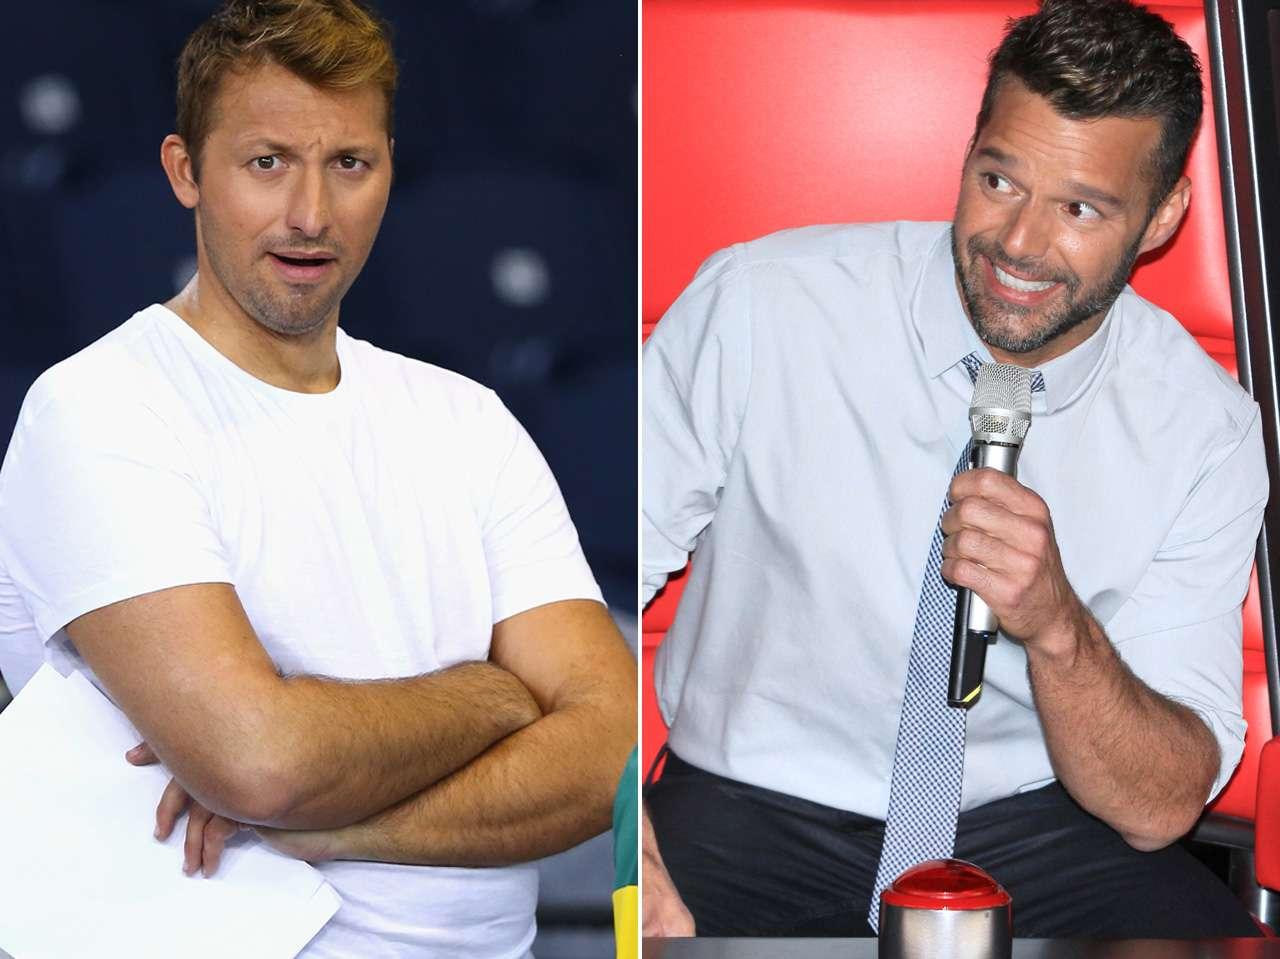 Thorpe se declaró homosexual en una entrevista en julio de 2014. Ricky Martin hizo lo propio hace cuatro años Foto: Getty Images / Photo AMC